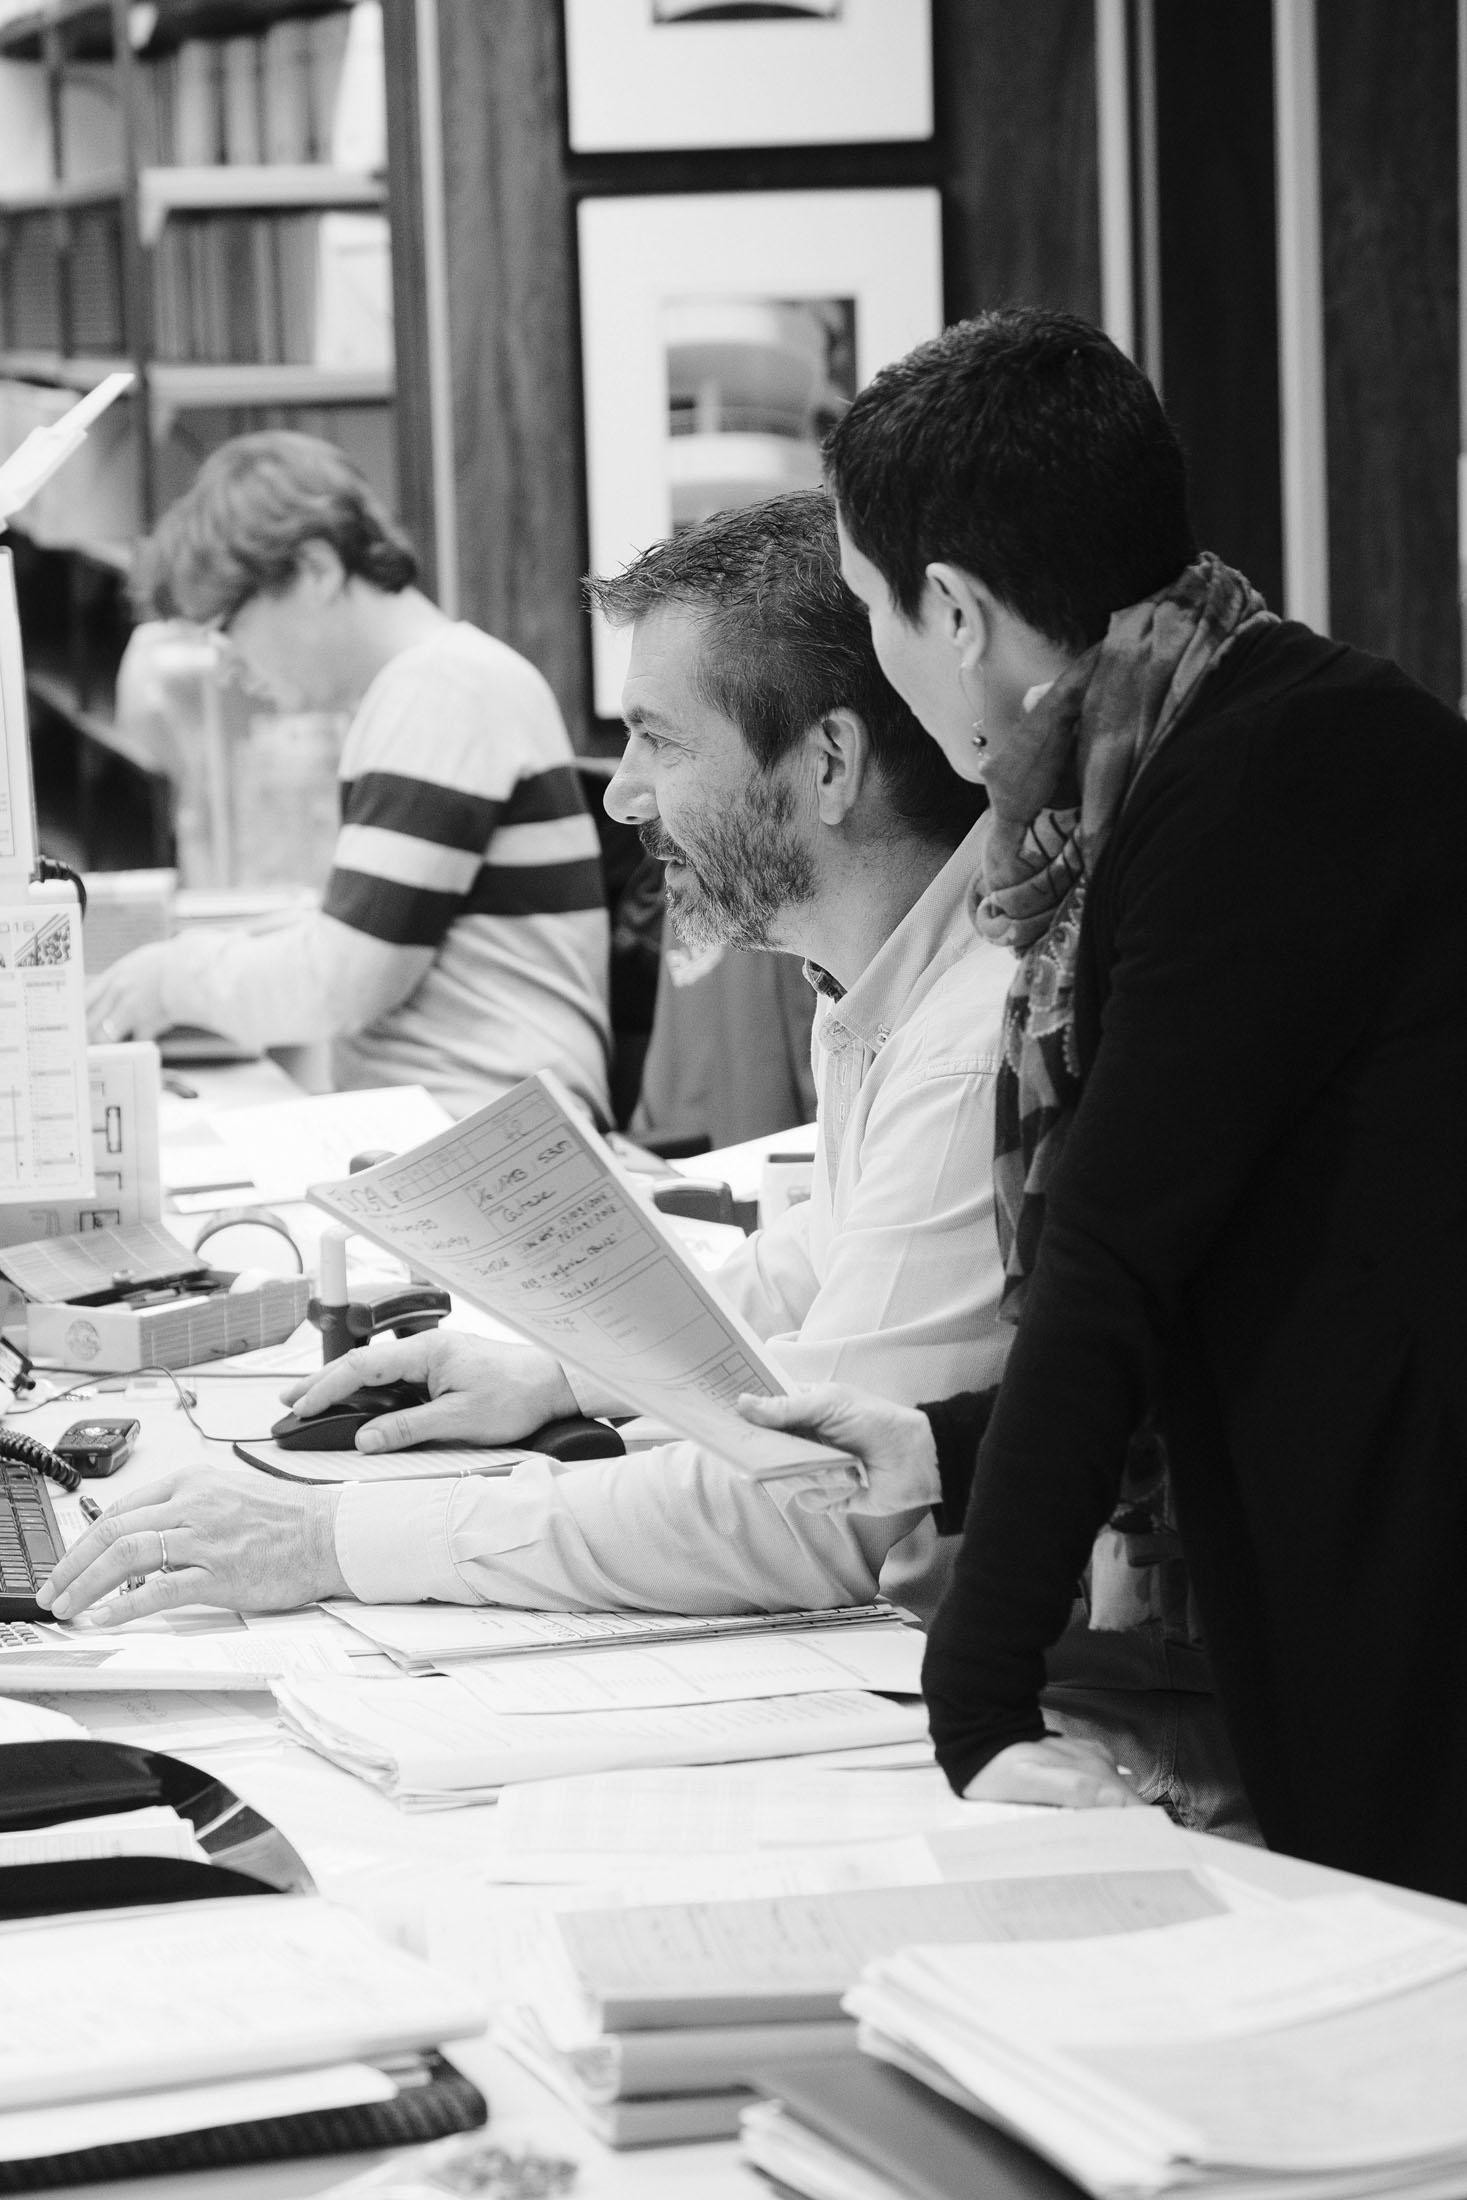 reportage d'entreprise sur des personnes travaillant en collaboration